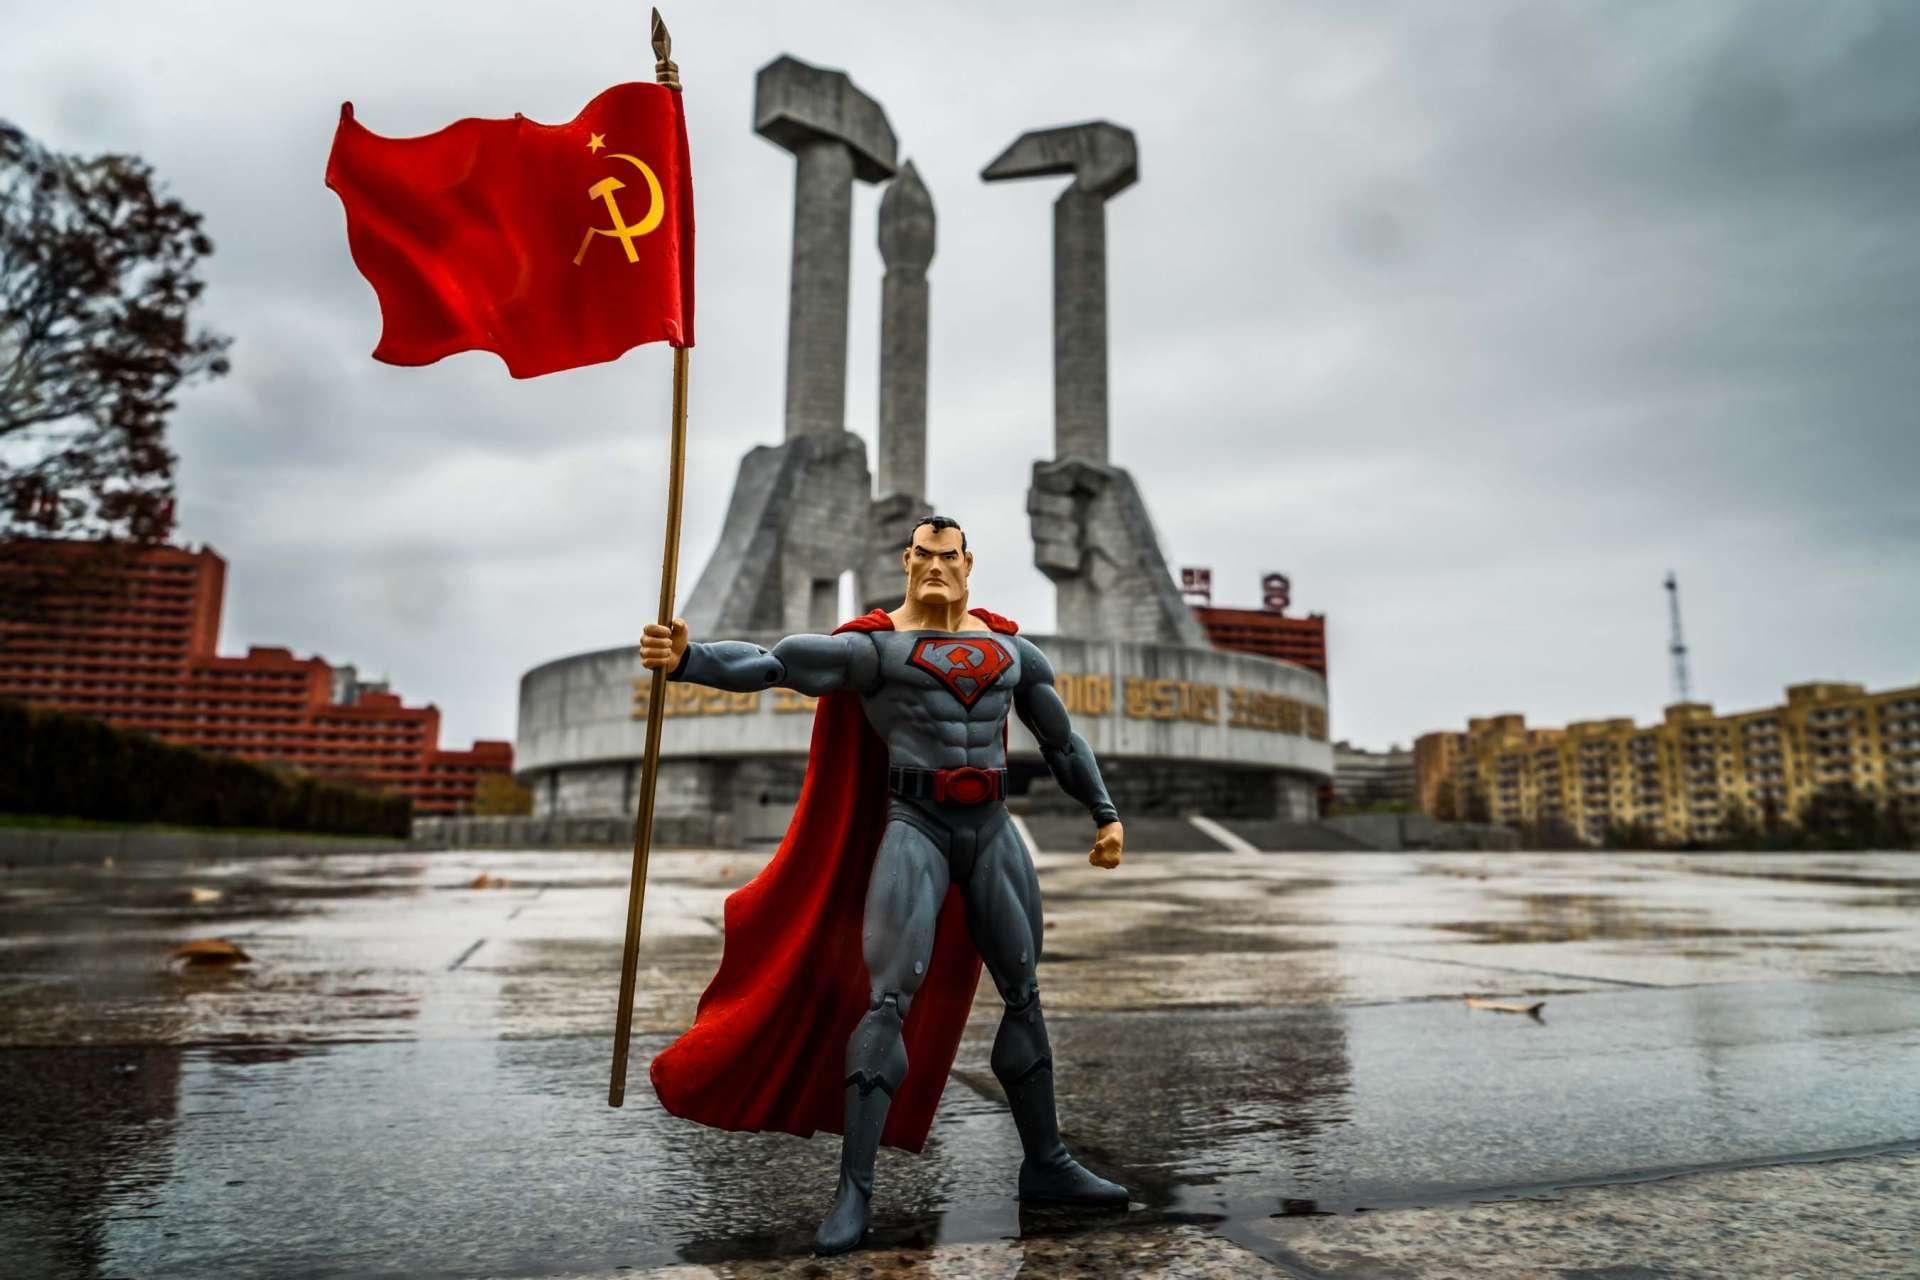 A Red Superhero in North Korea Enrico Pescantini Monumento alla Fondazione del Partito